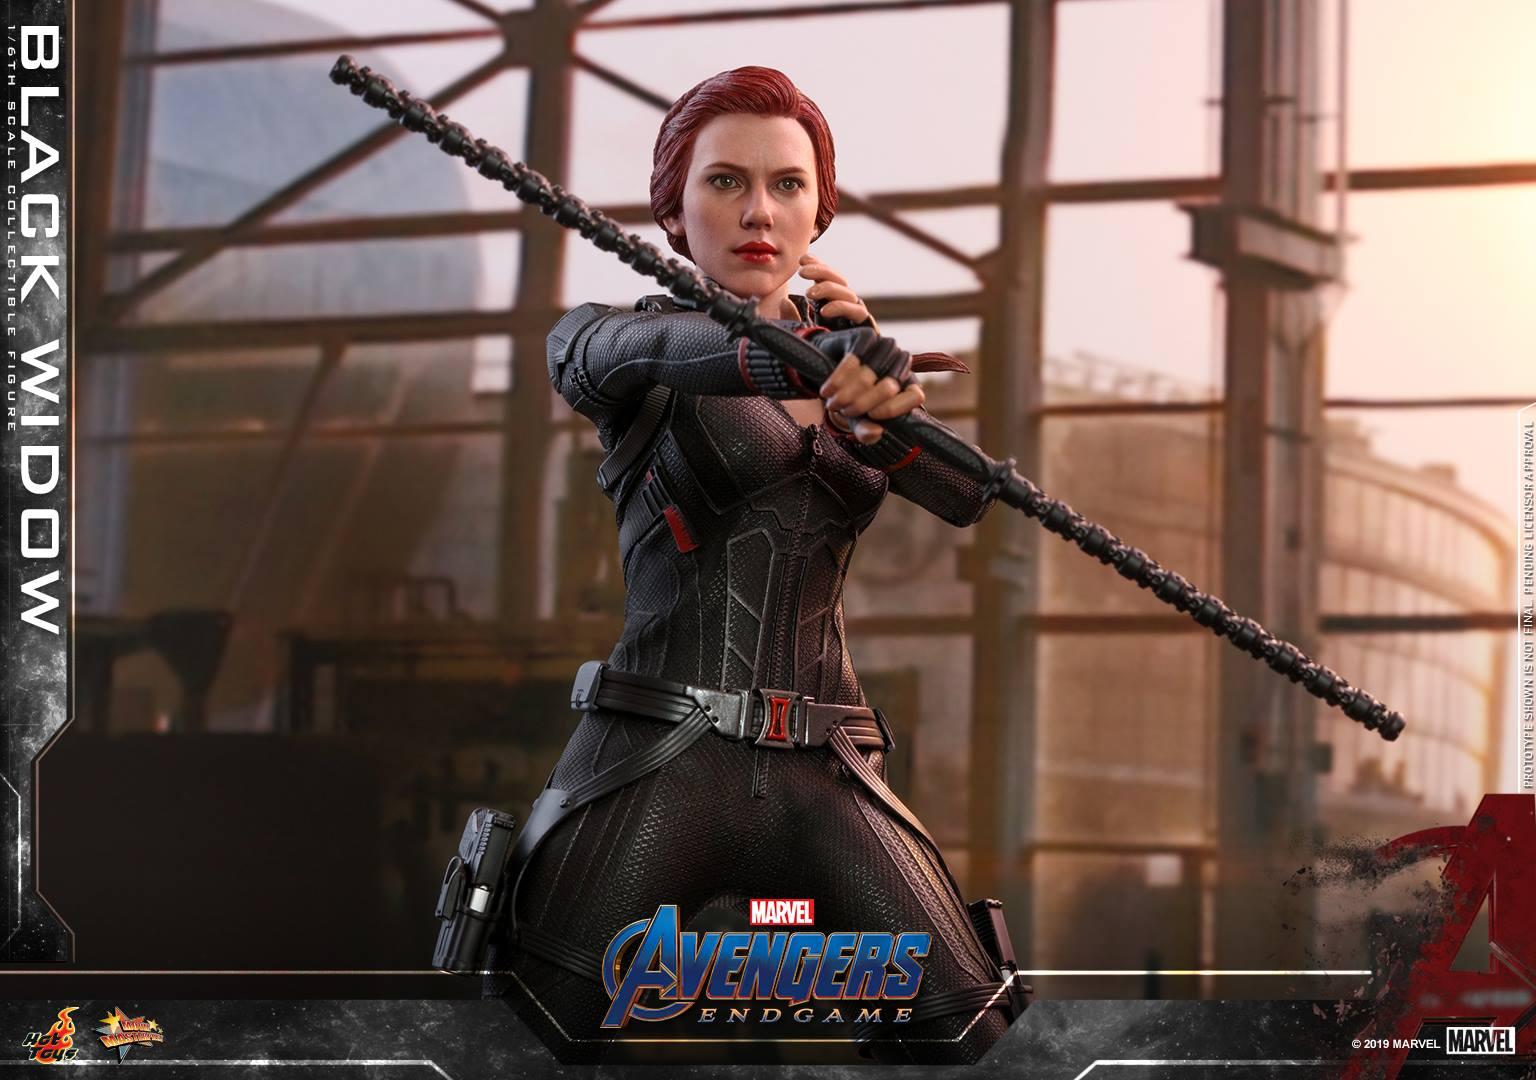 โดยมาในชื่อชุดว่า Hot toys Black Widow Avengers Endgame มาในความสูง 28 ซม.หรือสเกล 1/6